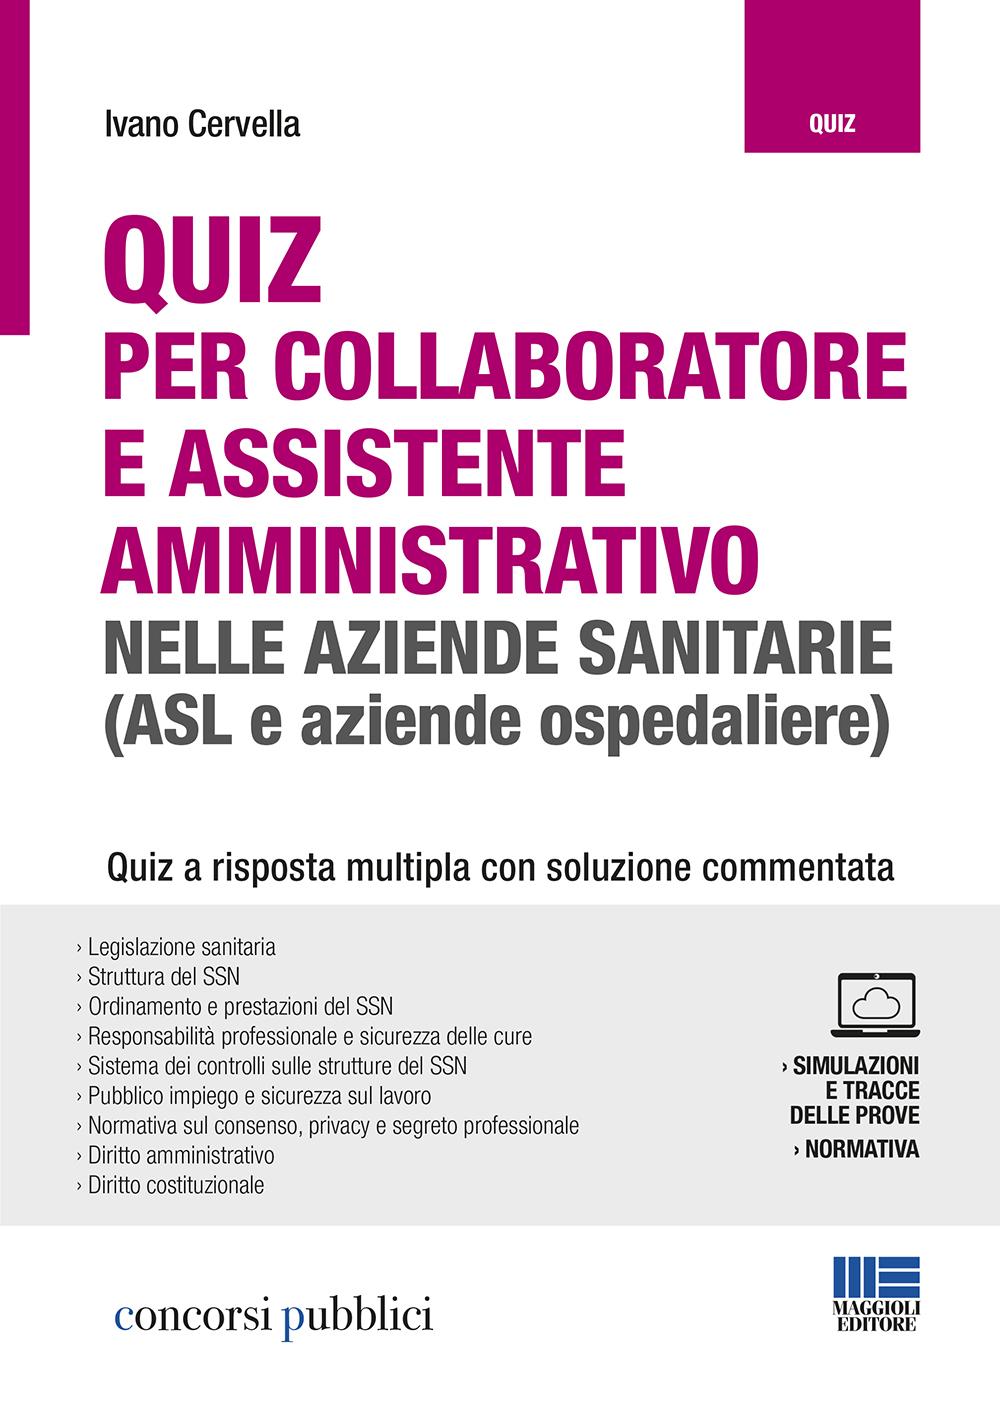 Quiz Collaboratore e Assistente amministr.nelle ASL